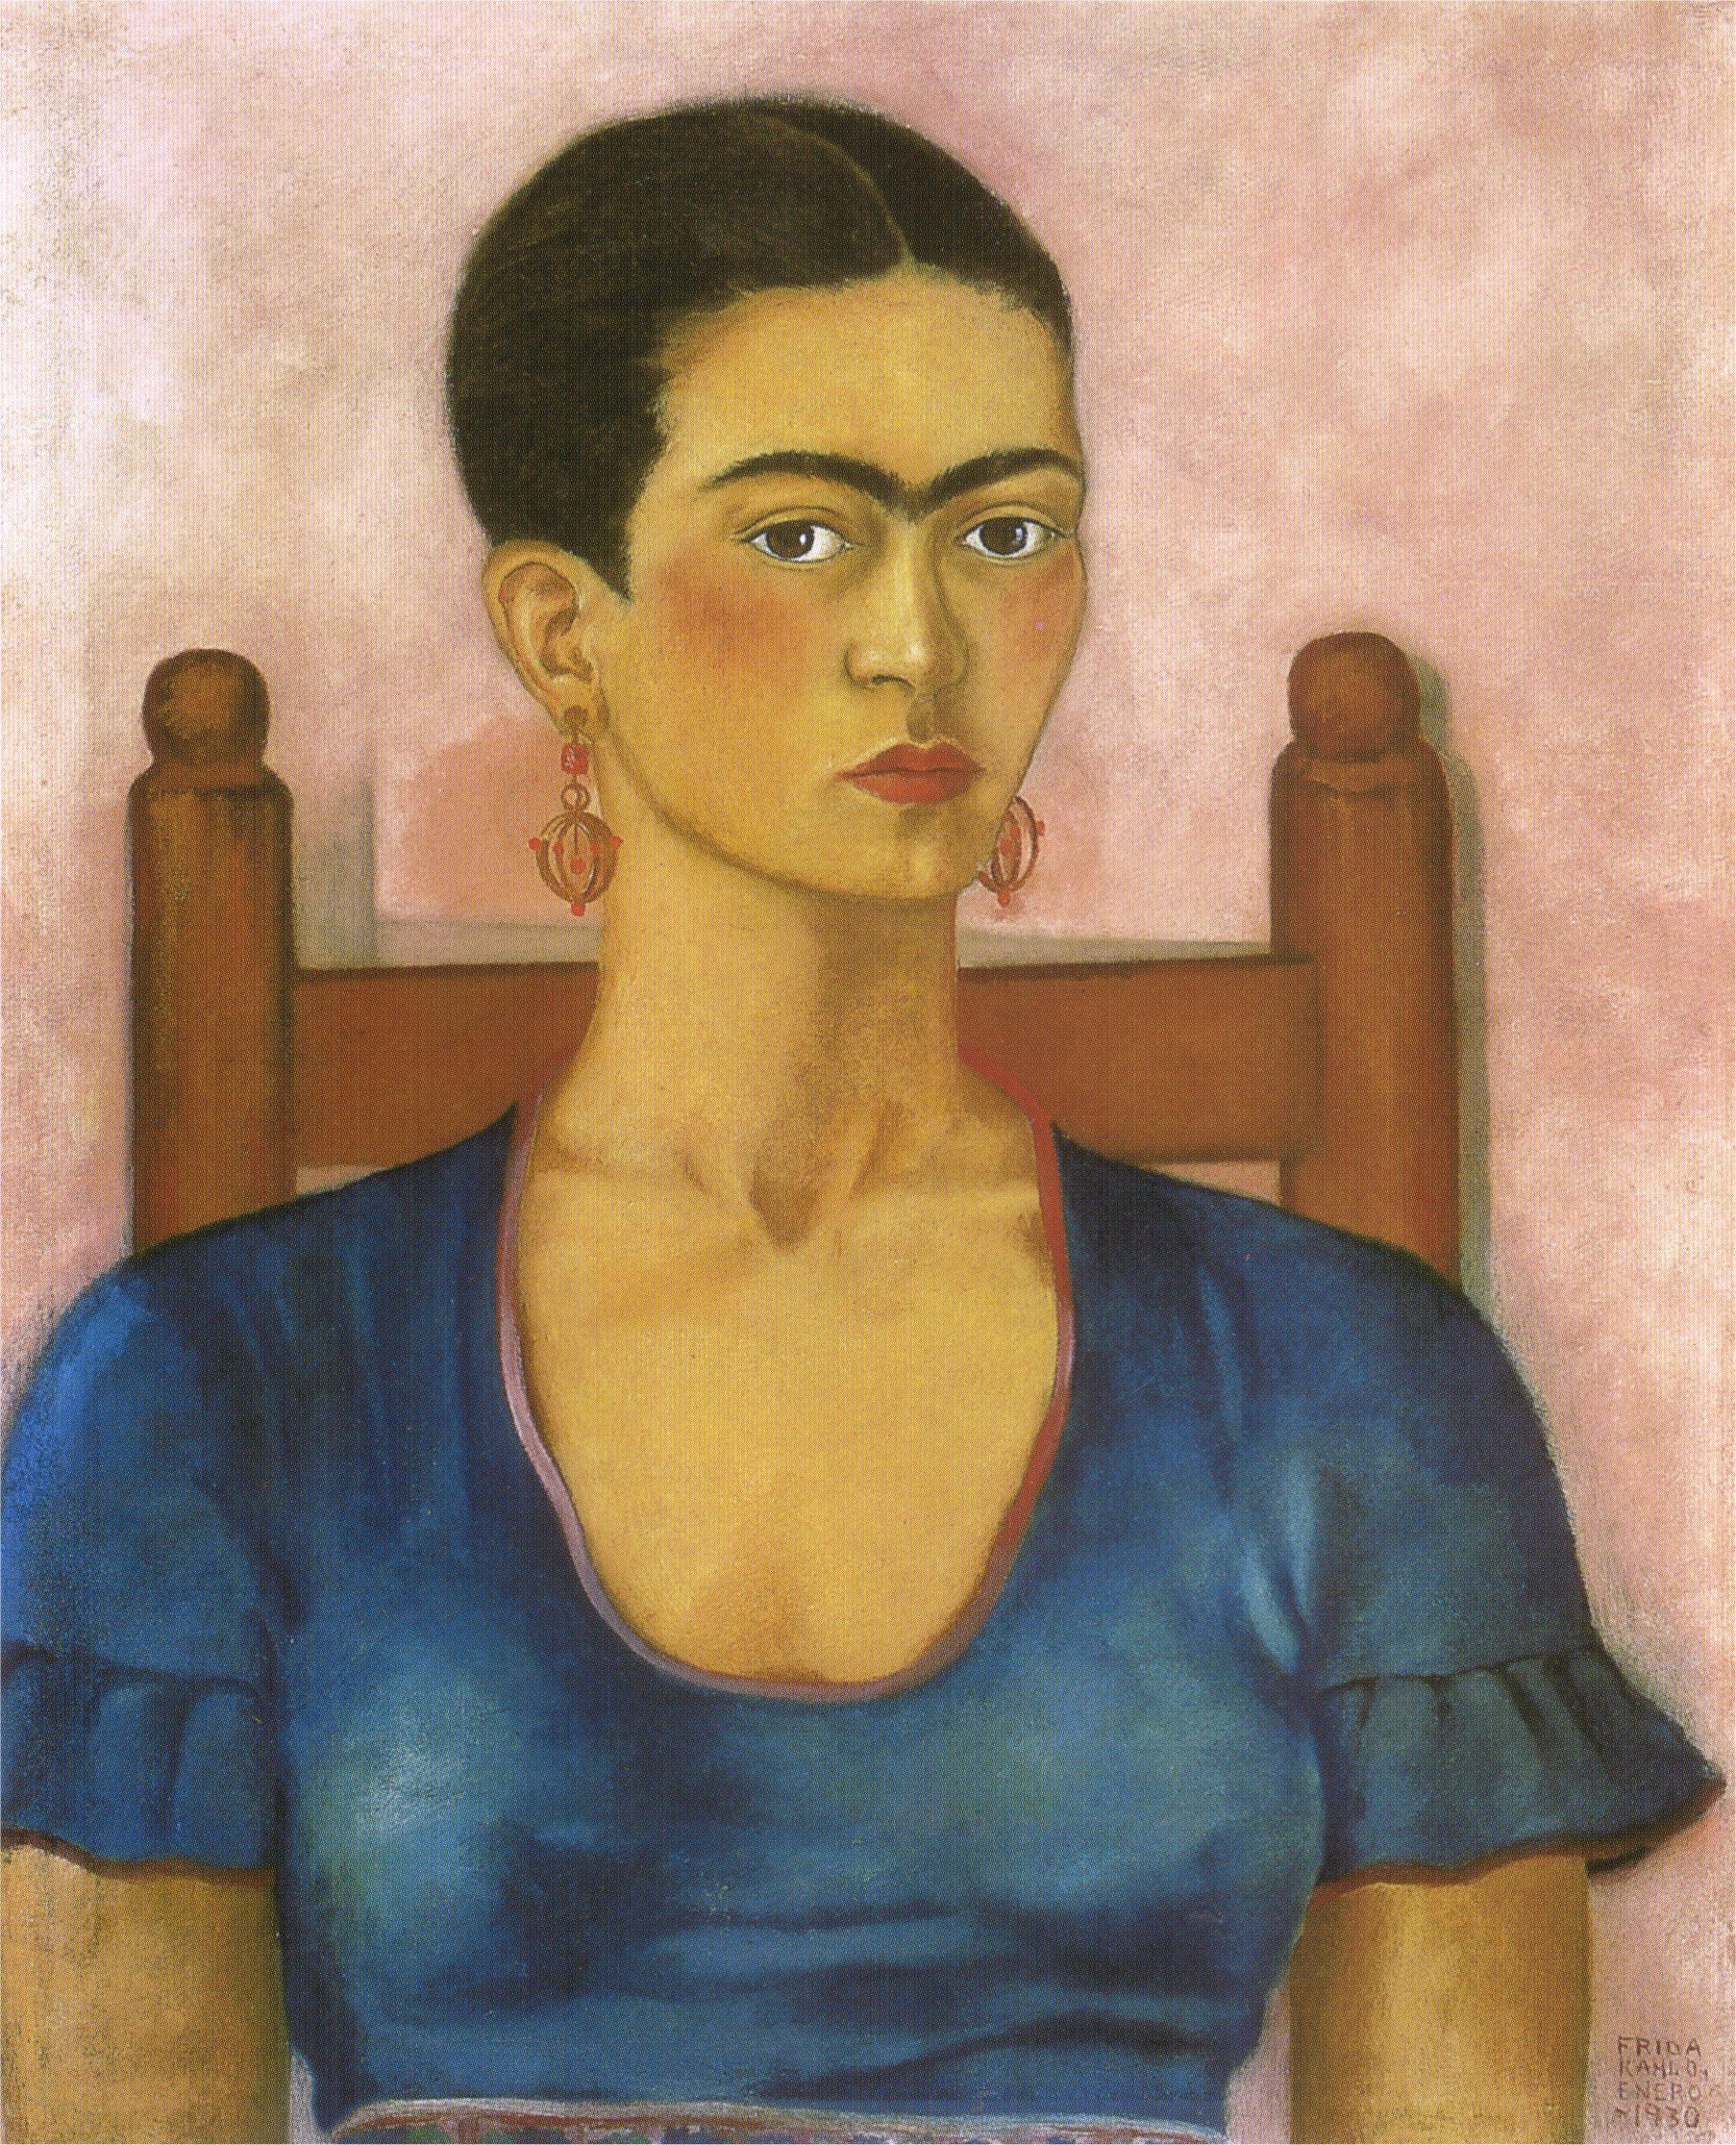 Frida Kahlo sel portrait (1930)